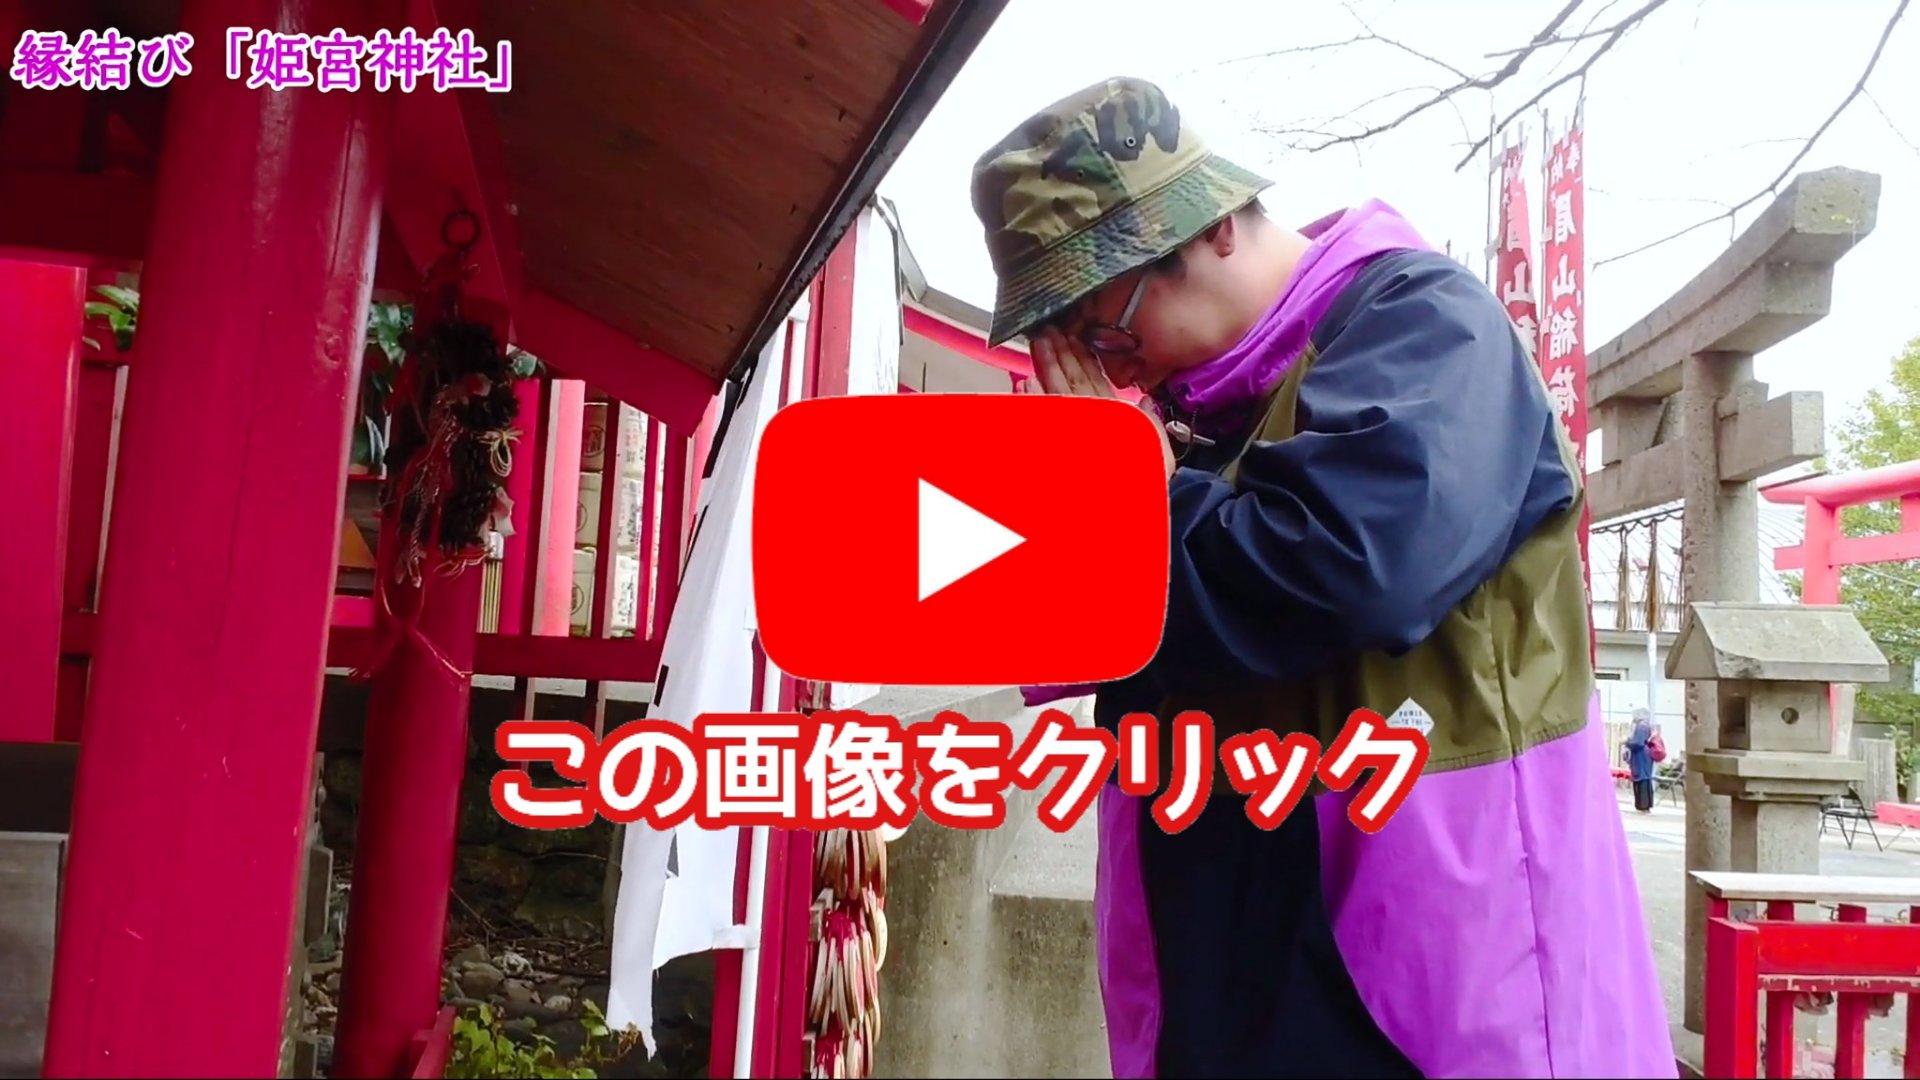 【姫宮神社】恋を結ぶ神社